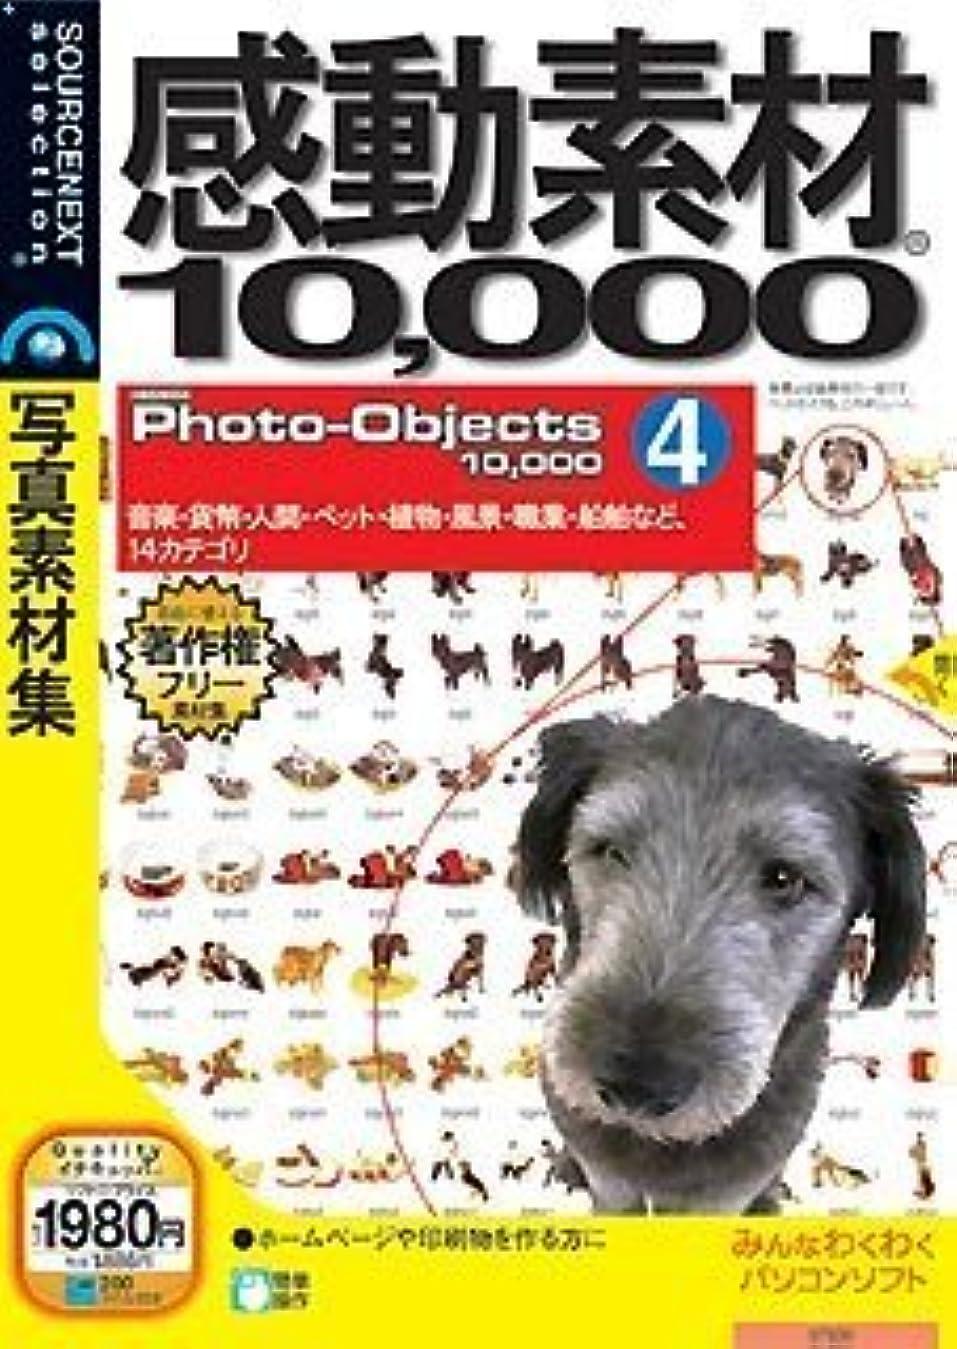 ビジター司令官綺麗な感動素材10000 HEMERA Photo-Objects 4 (税込1980円版)(説明扉付きスリムパッケージ版)